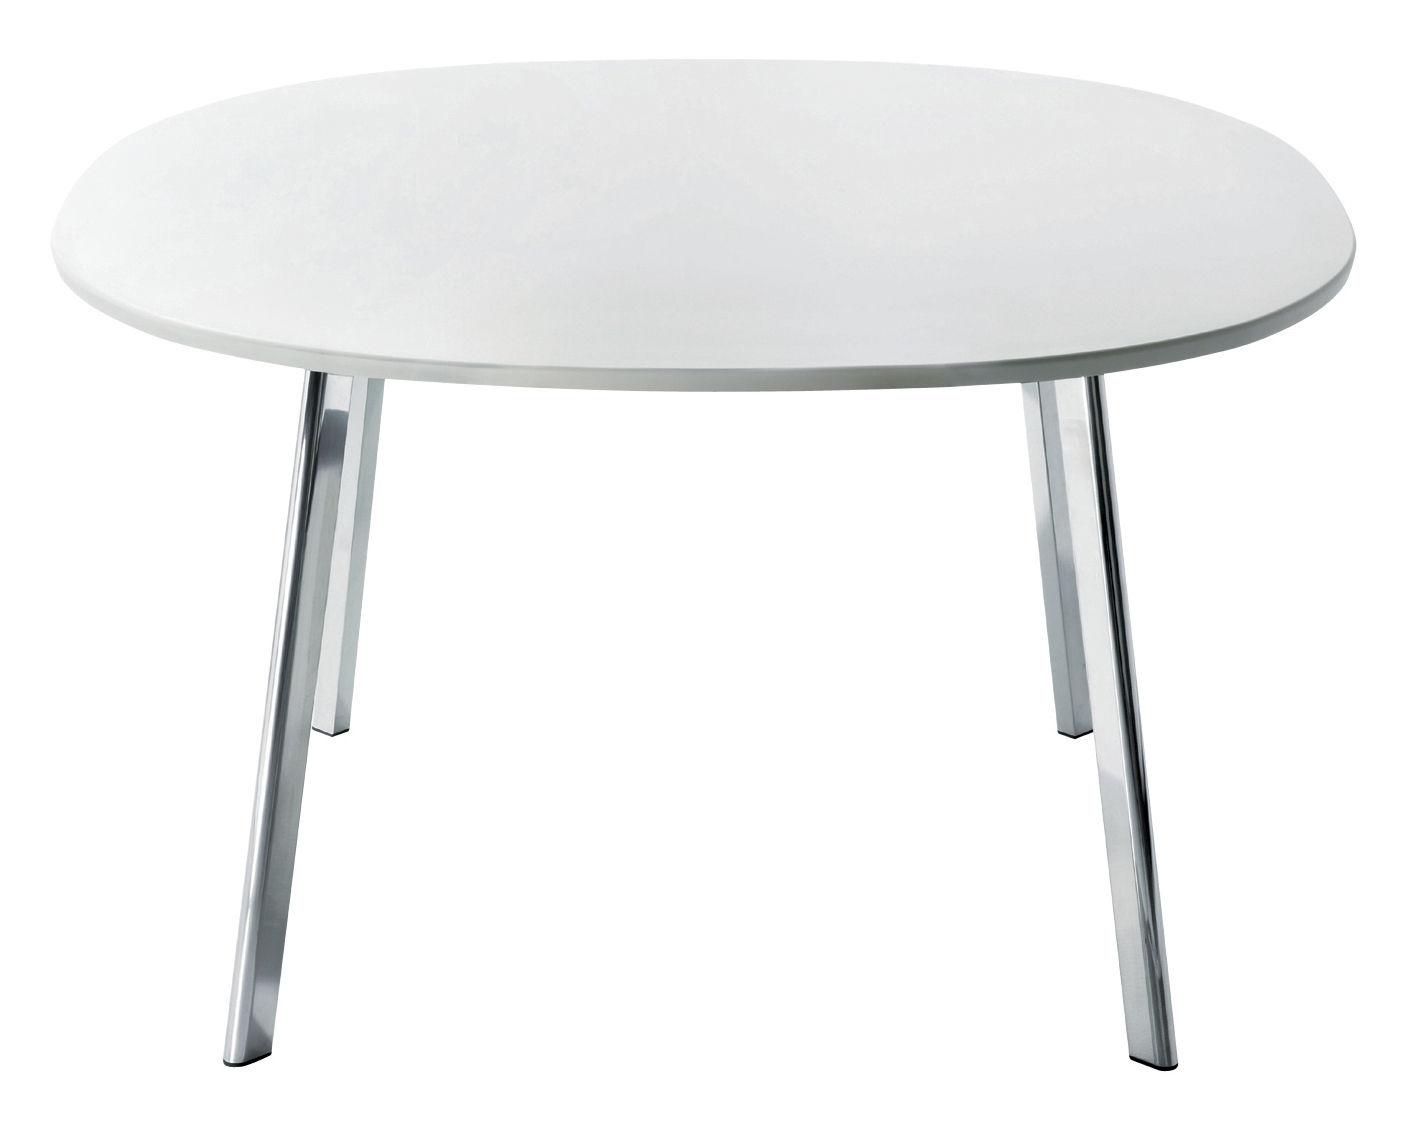 Möbel - Tische - Déjà-vu quadratischer Tisch 98 cm - Magis - 98 x 98 cm - Platte: weiß - lackierte Holzfaserplatte, poliertes Aluminium